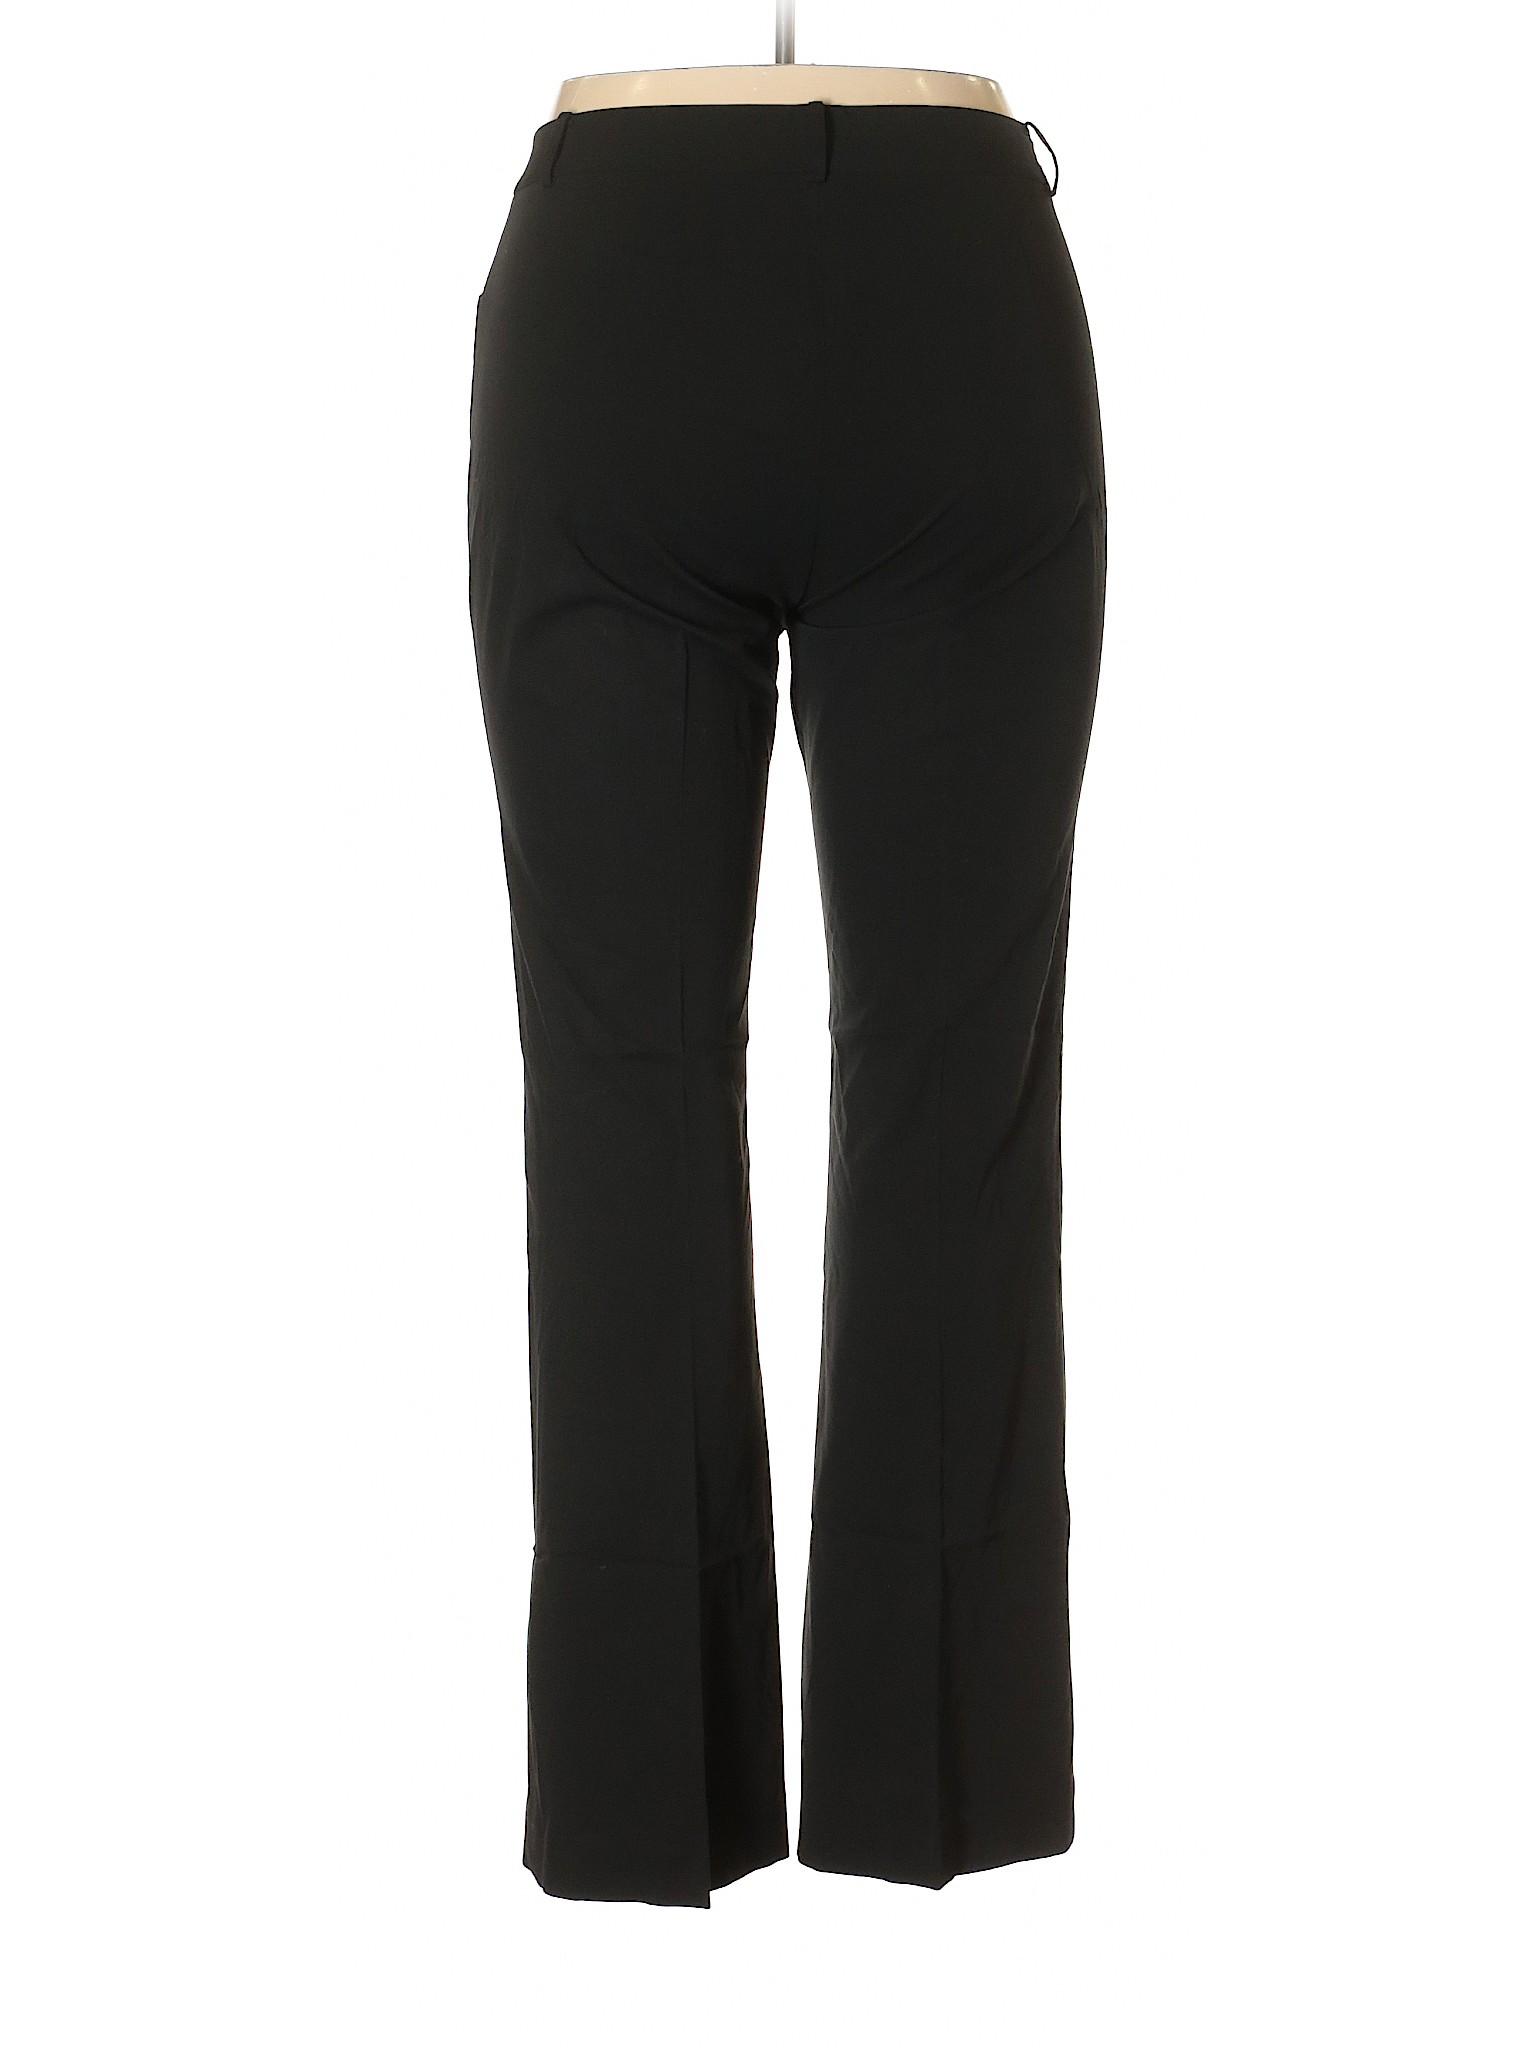 Pants Winter Ann Boutique Dress Taylor xTqTCZ